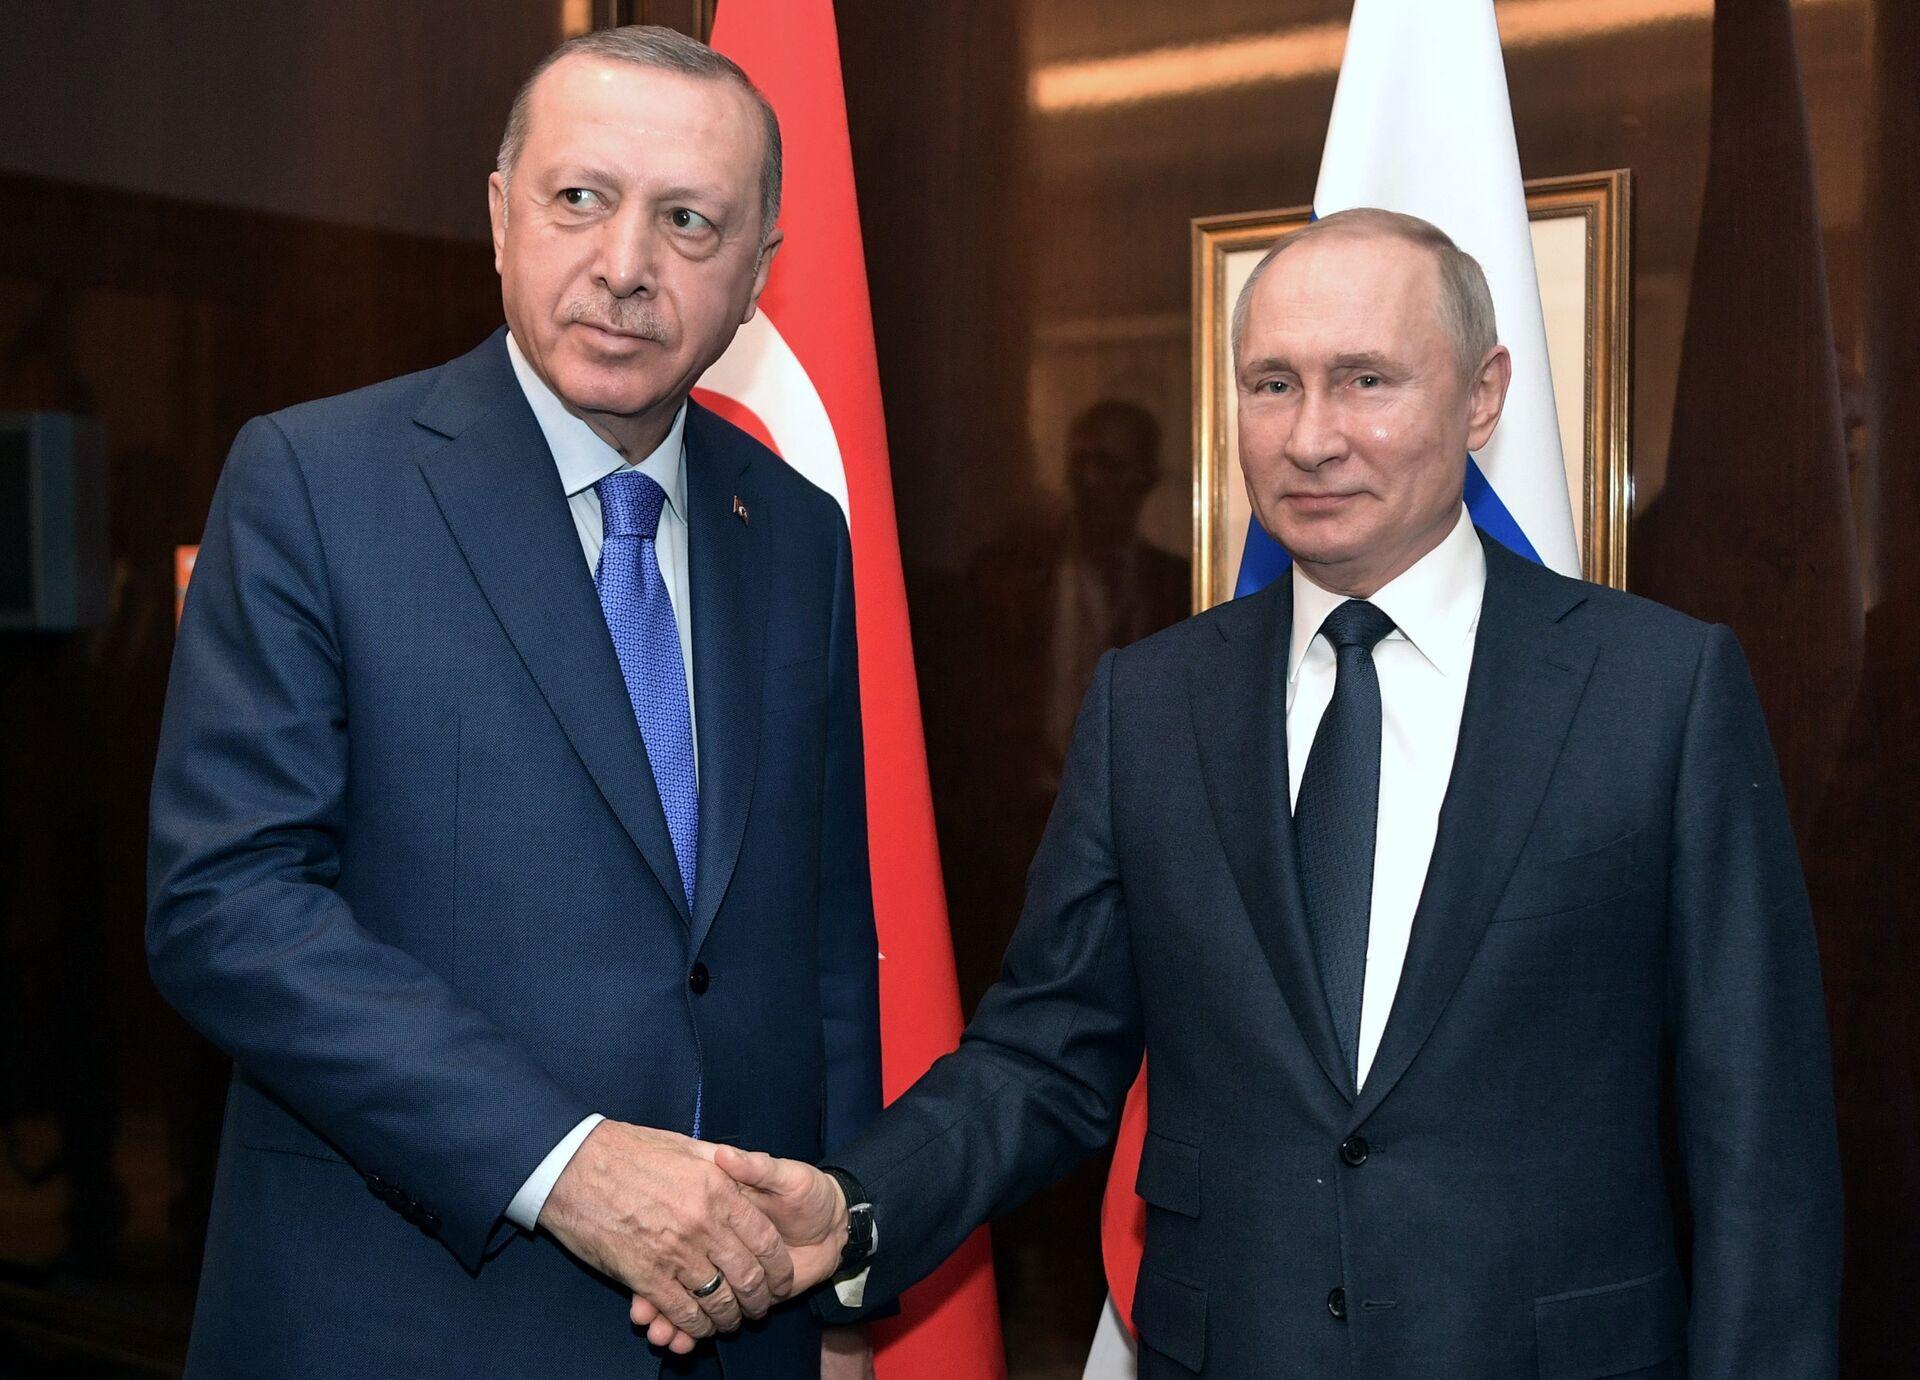 Il presidente russo Vladimir Putin durante un incontro con il presidente turco Recep Tayyip Erdogan alla Conferenza internazionale sulla Libia a Berlino - Sputnik Italia, 1920, 28.09.2021